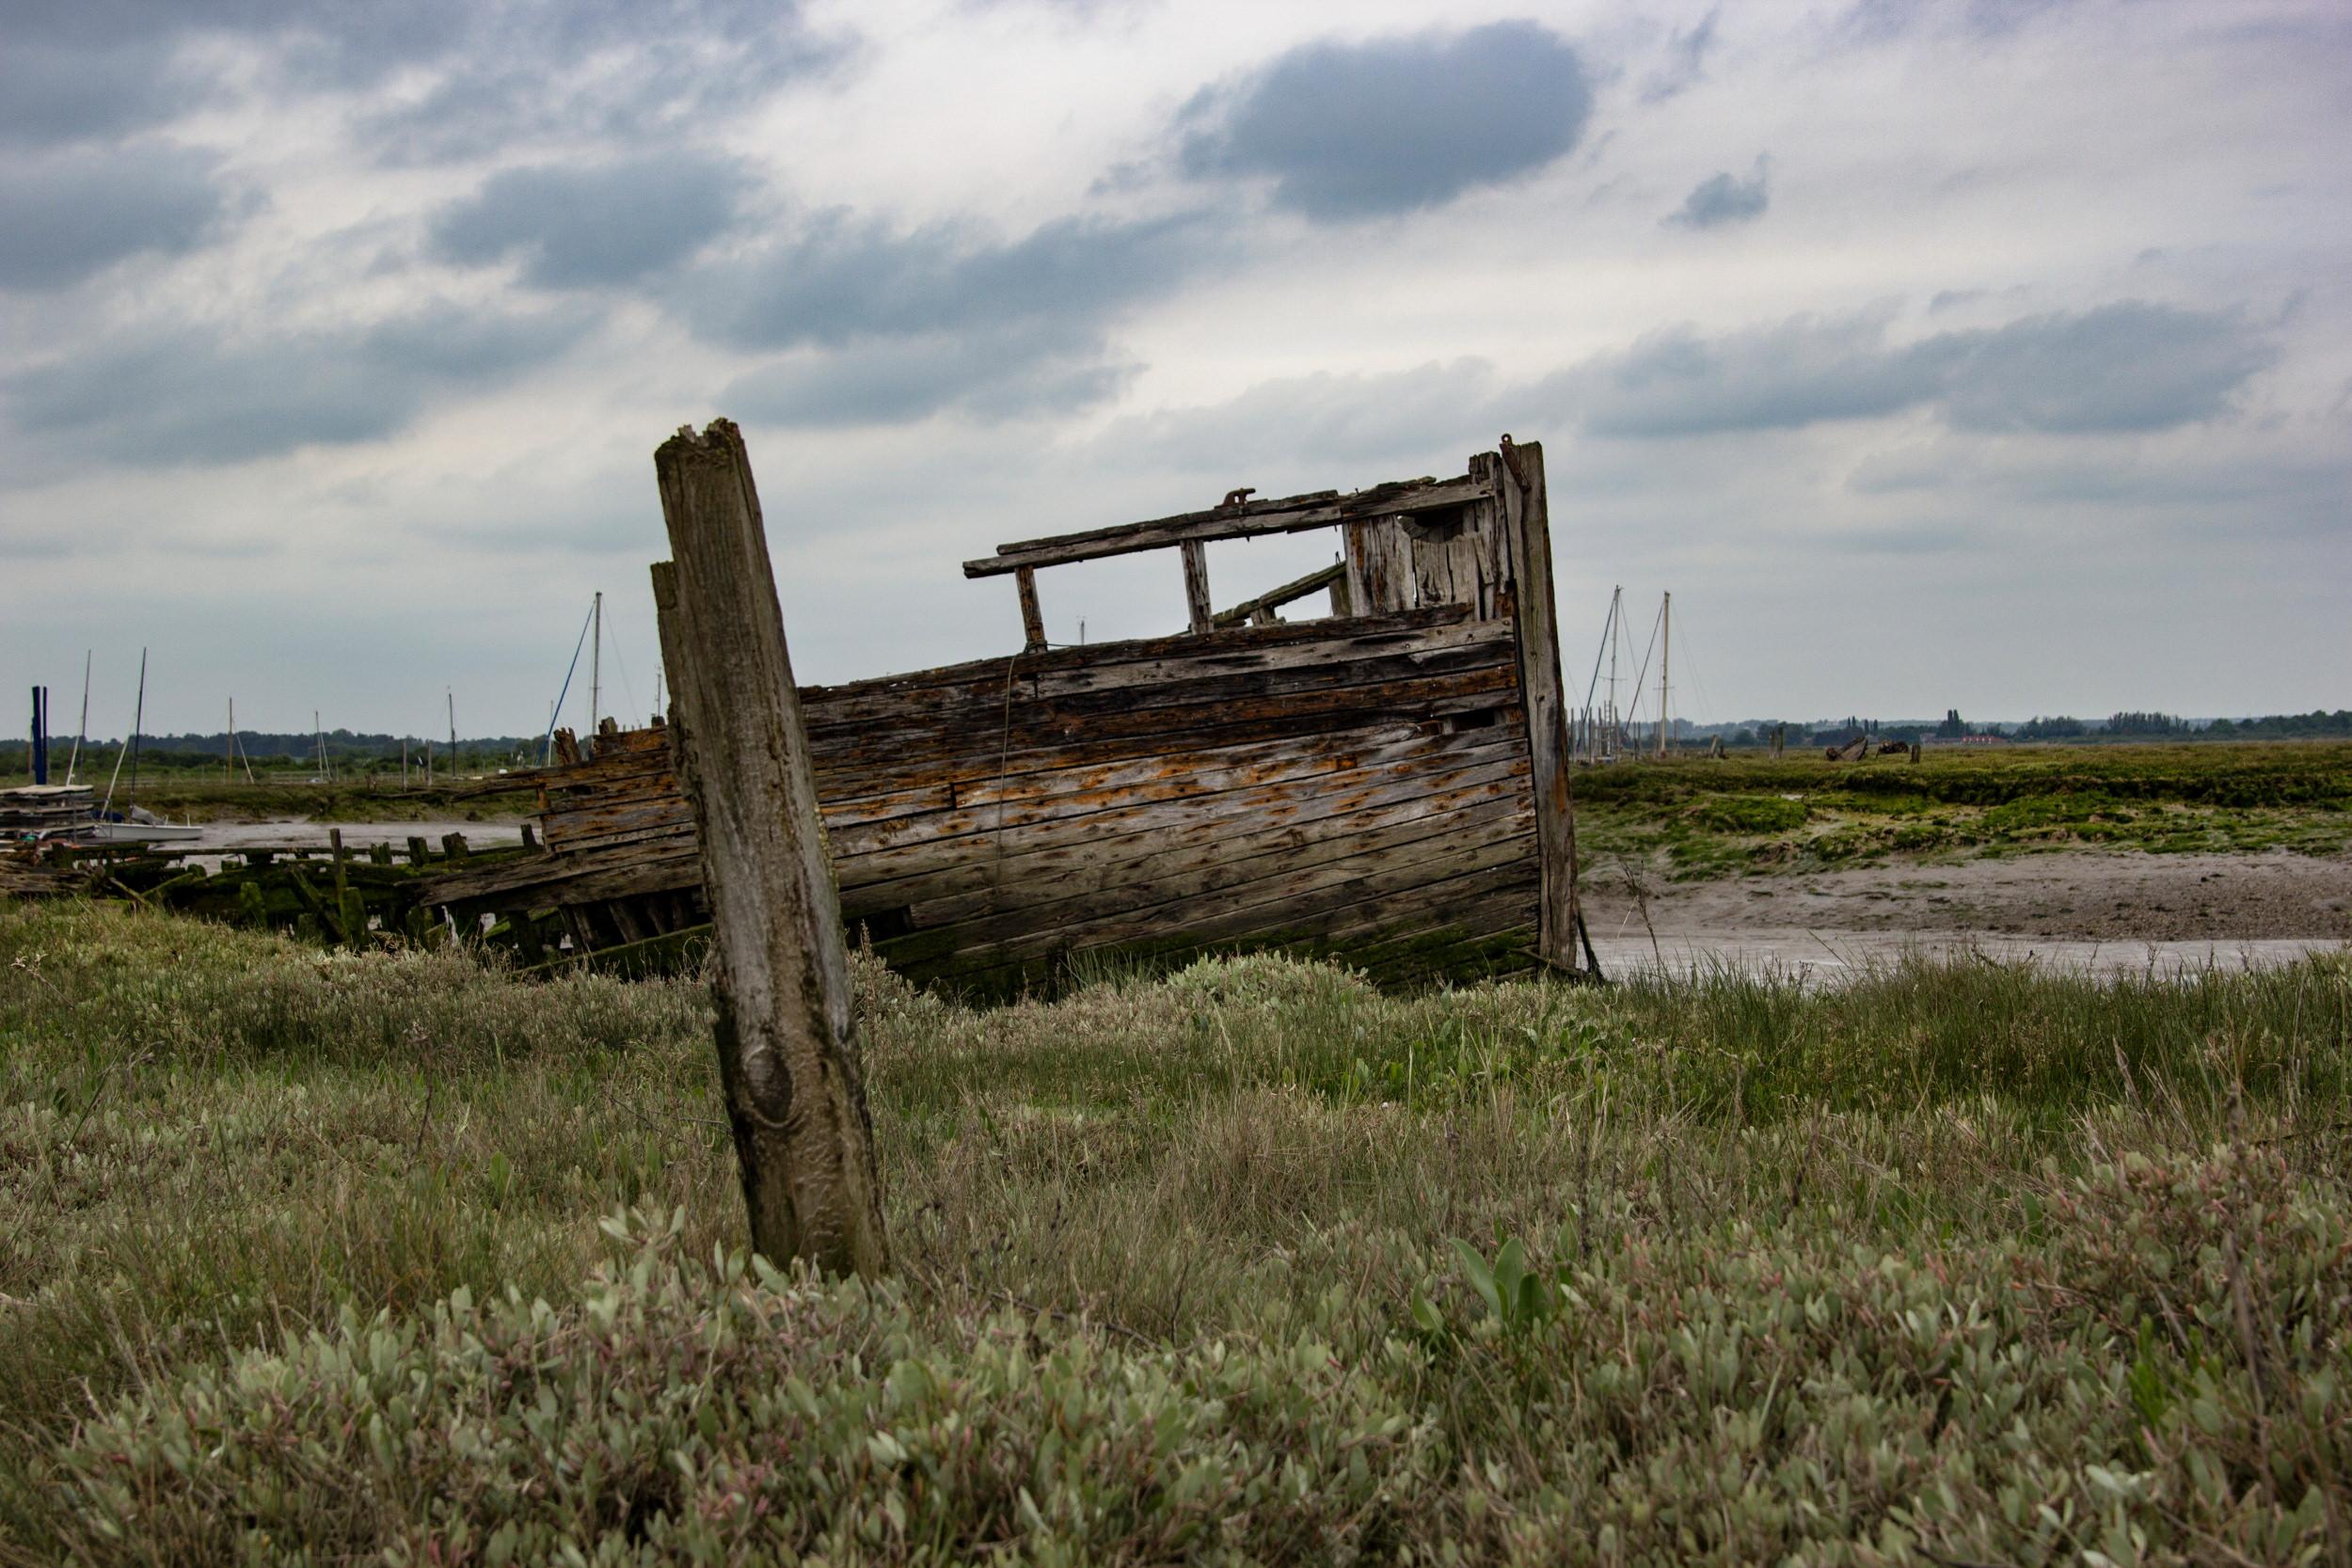 Tollesbury wrecks - 03